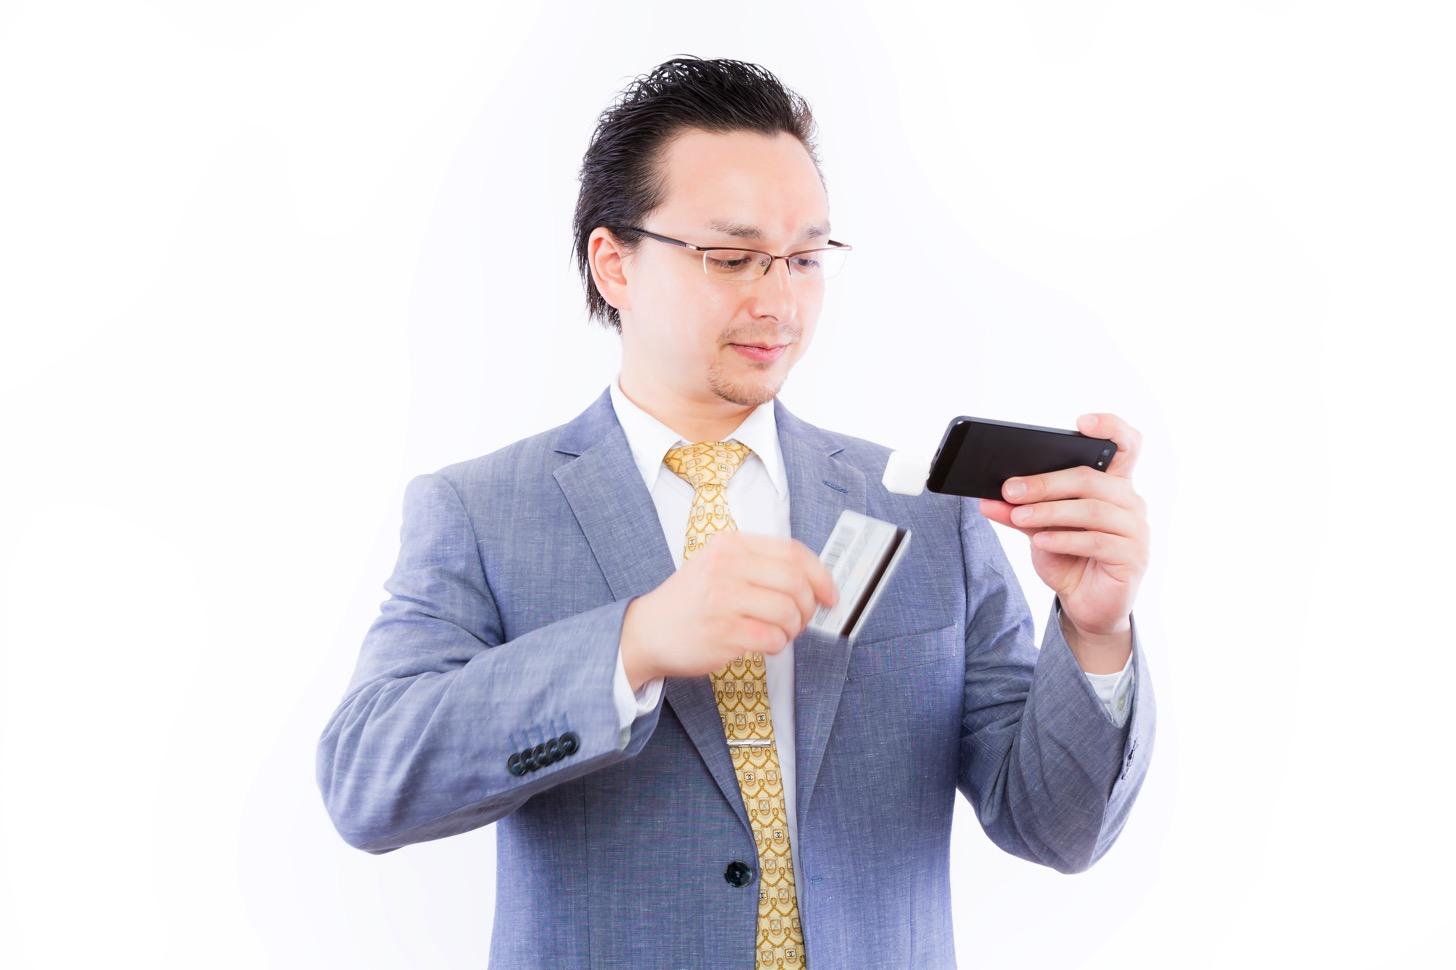 iPhoneとクレジットカード